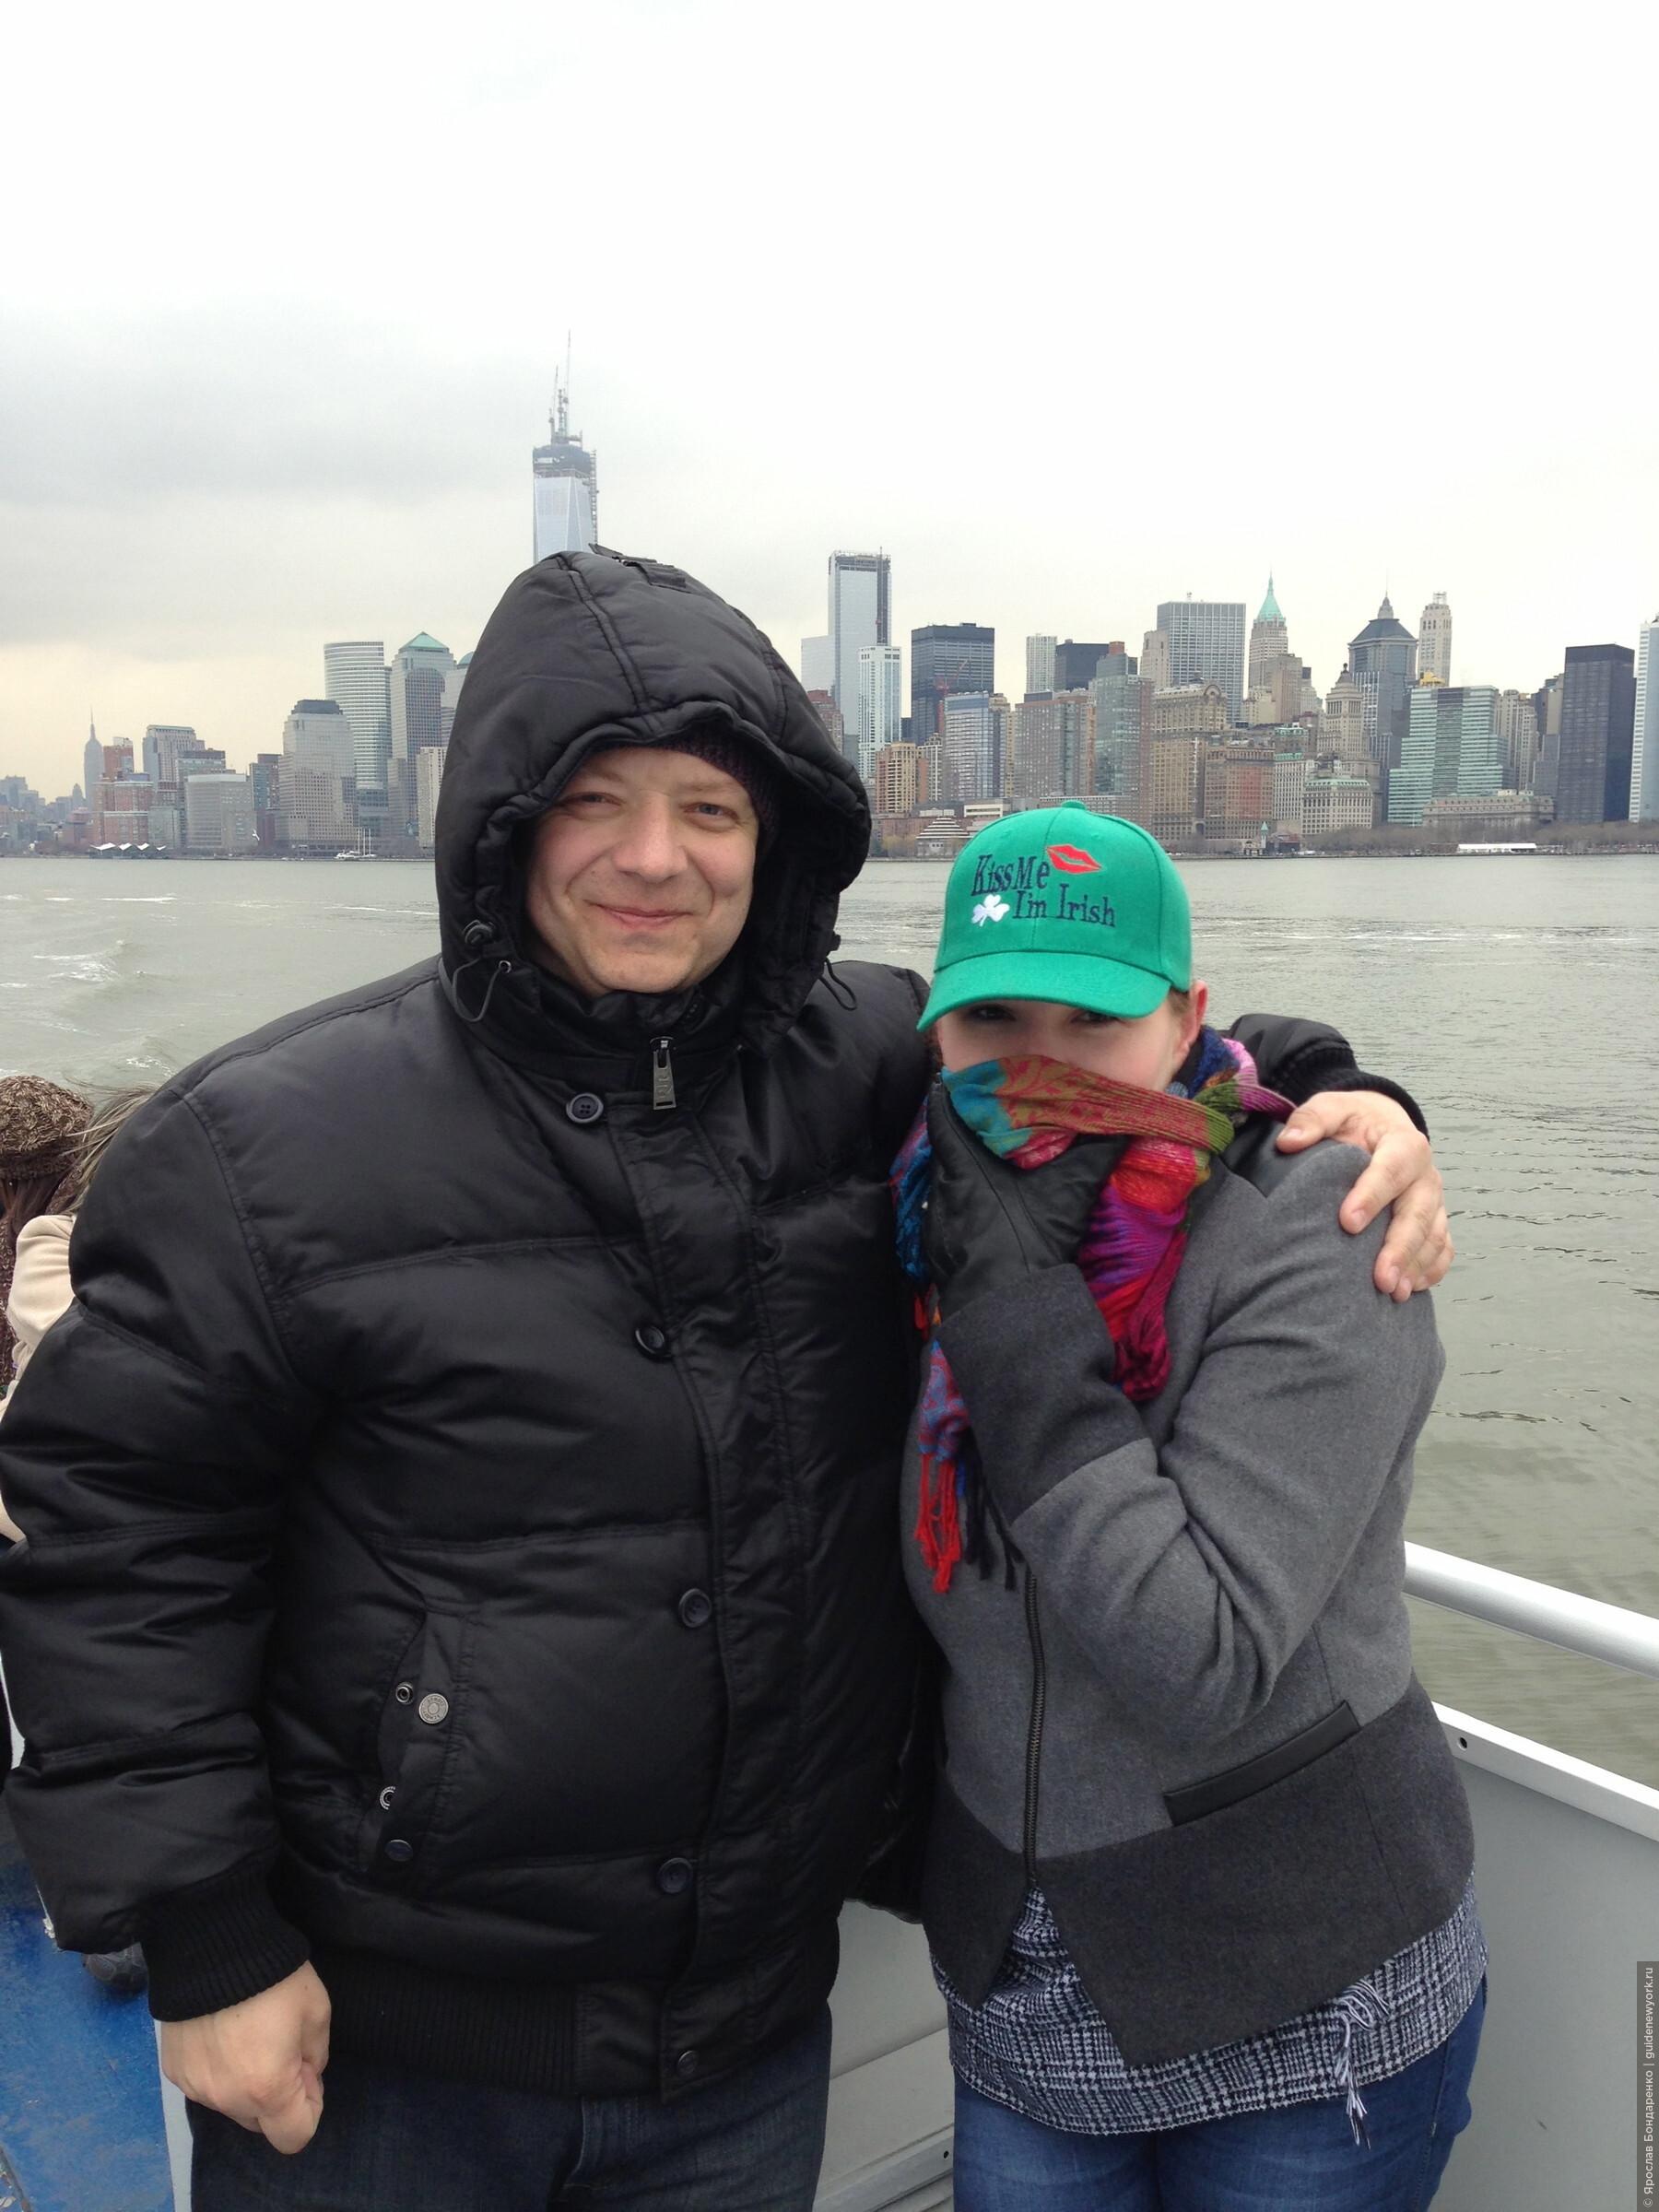 Зимой в Нью-Йорке ОЧЕНЬ ХОЛОДНО!!! Не смотрите на градусы, одевайтесь теплее!